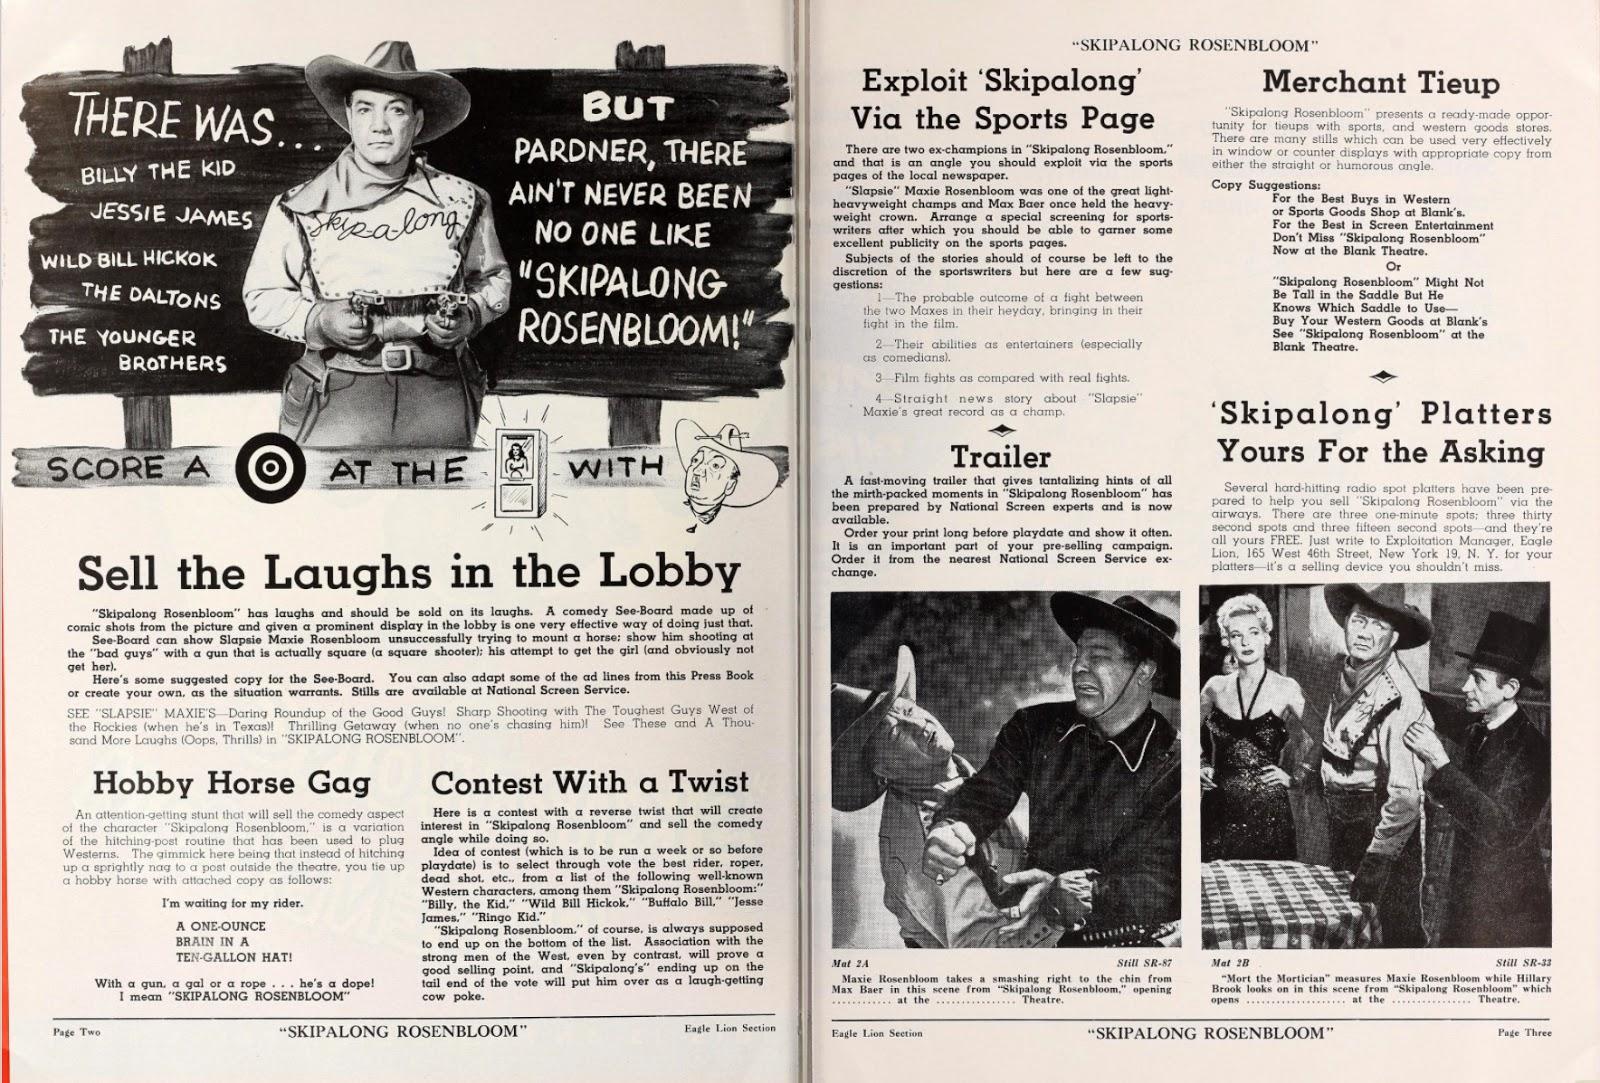 Skipalong Rosenbloom Ad